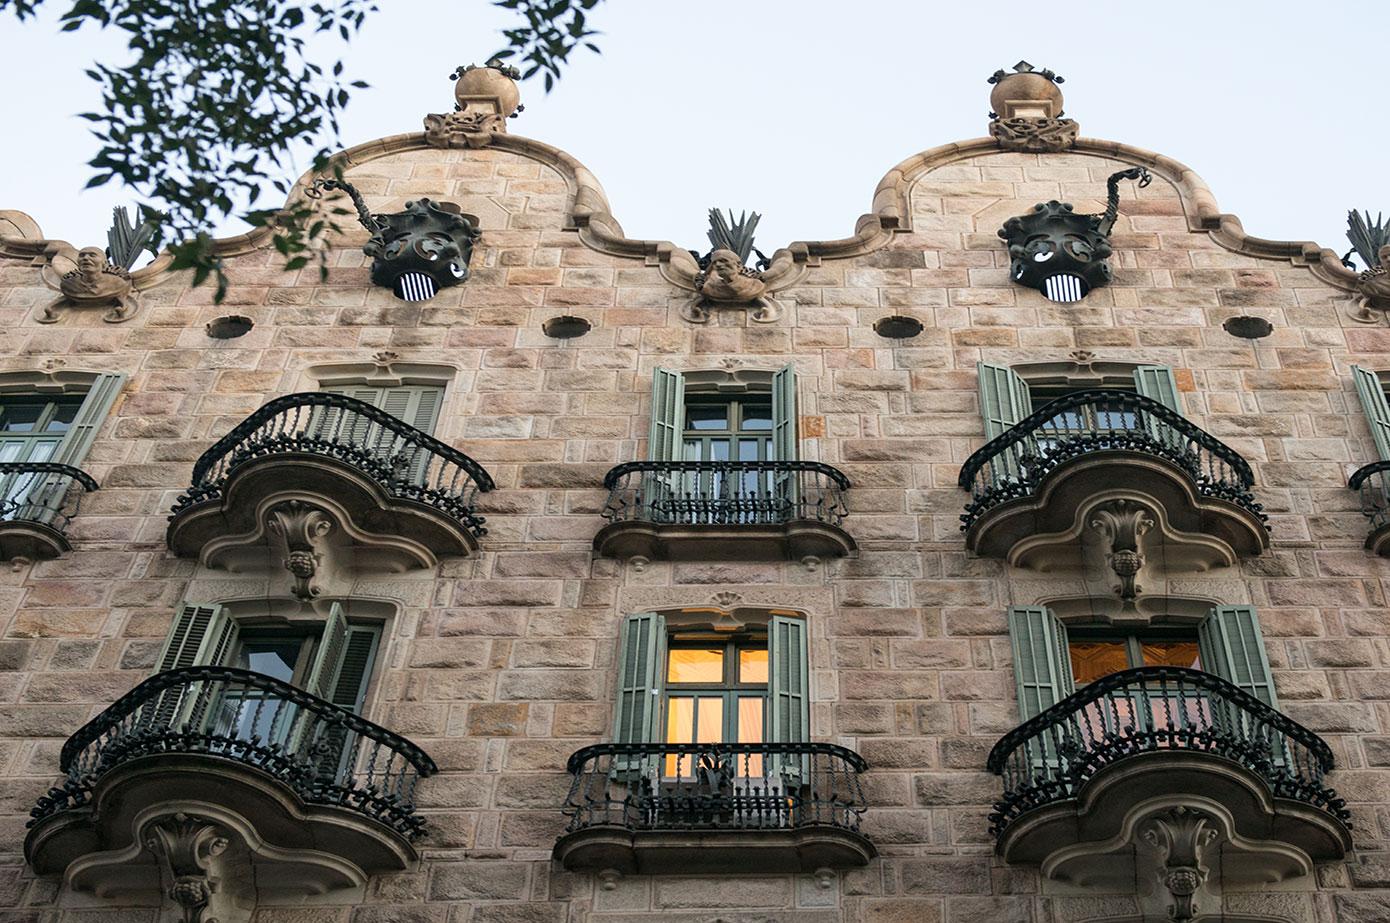 http://www.knowingbarcelona.com/que-visitar/districtes/eixample/quadrat-dor/casa-calvet/?lang=ca